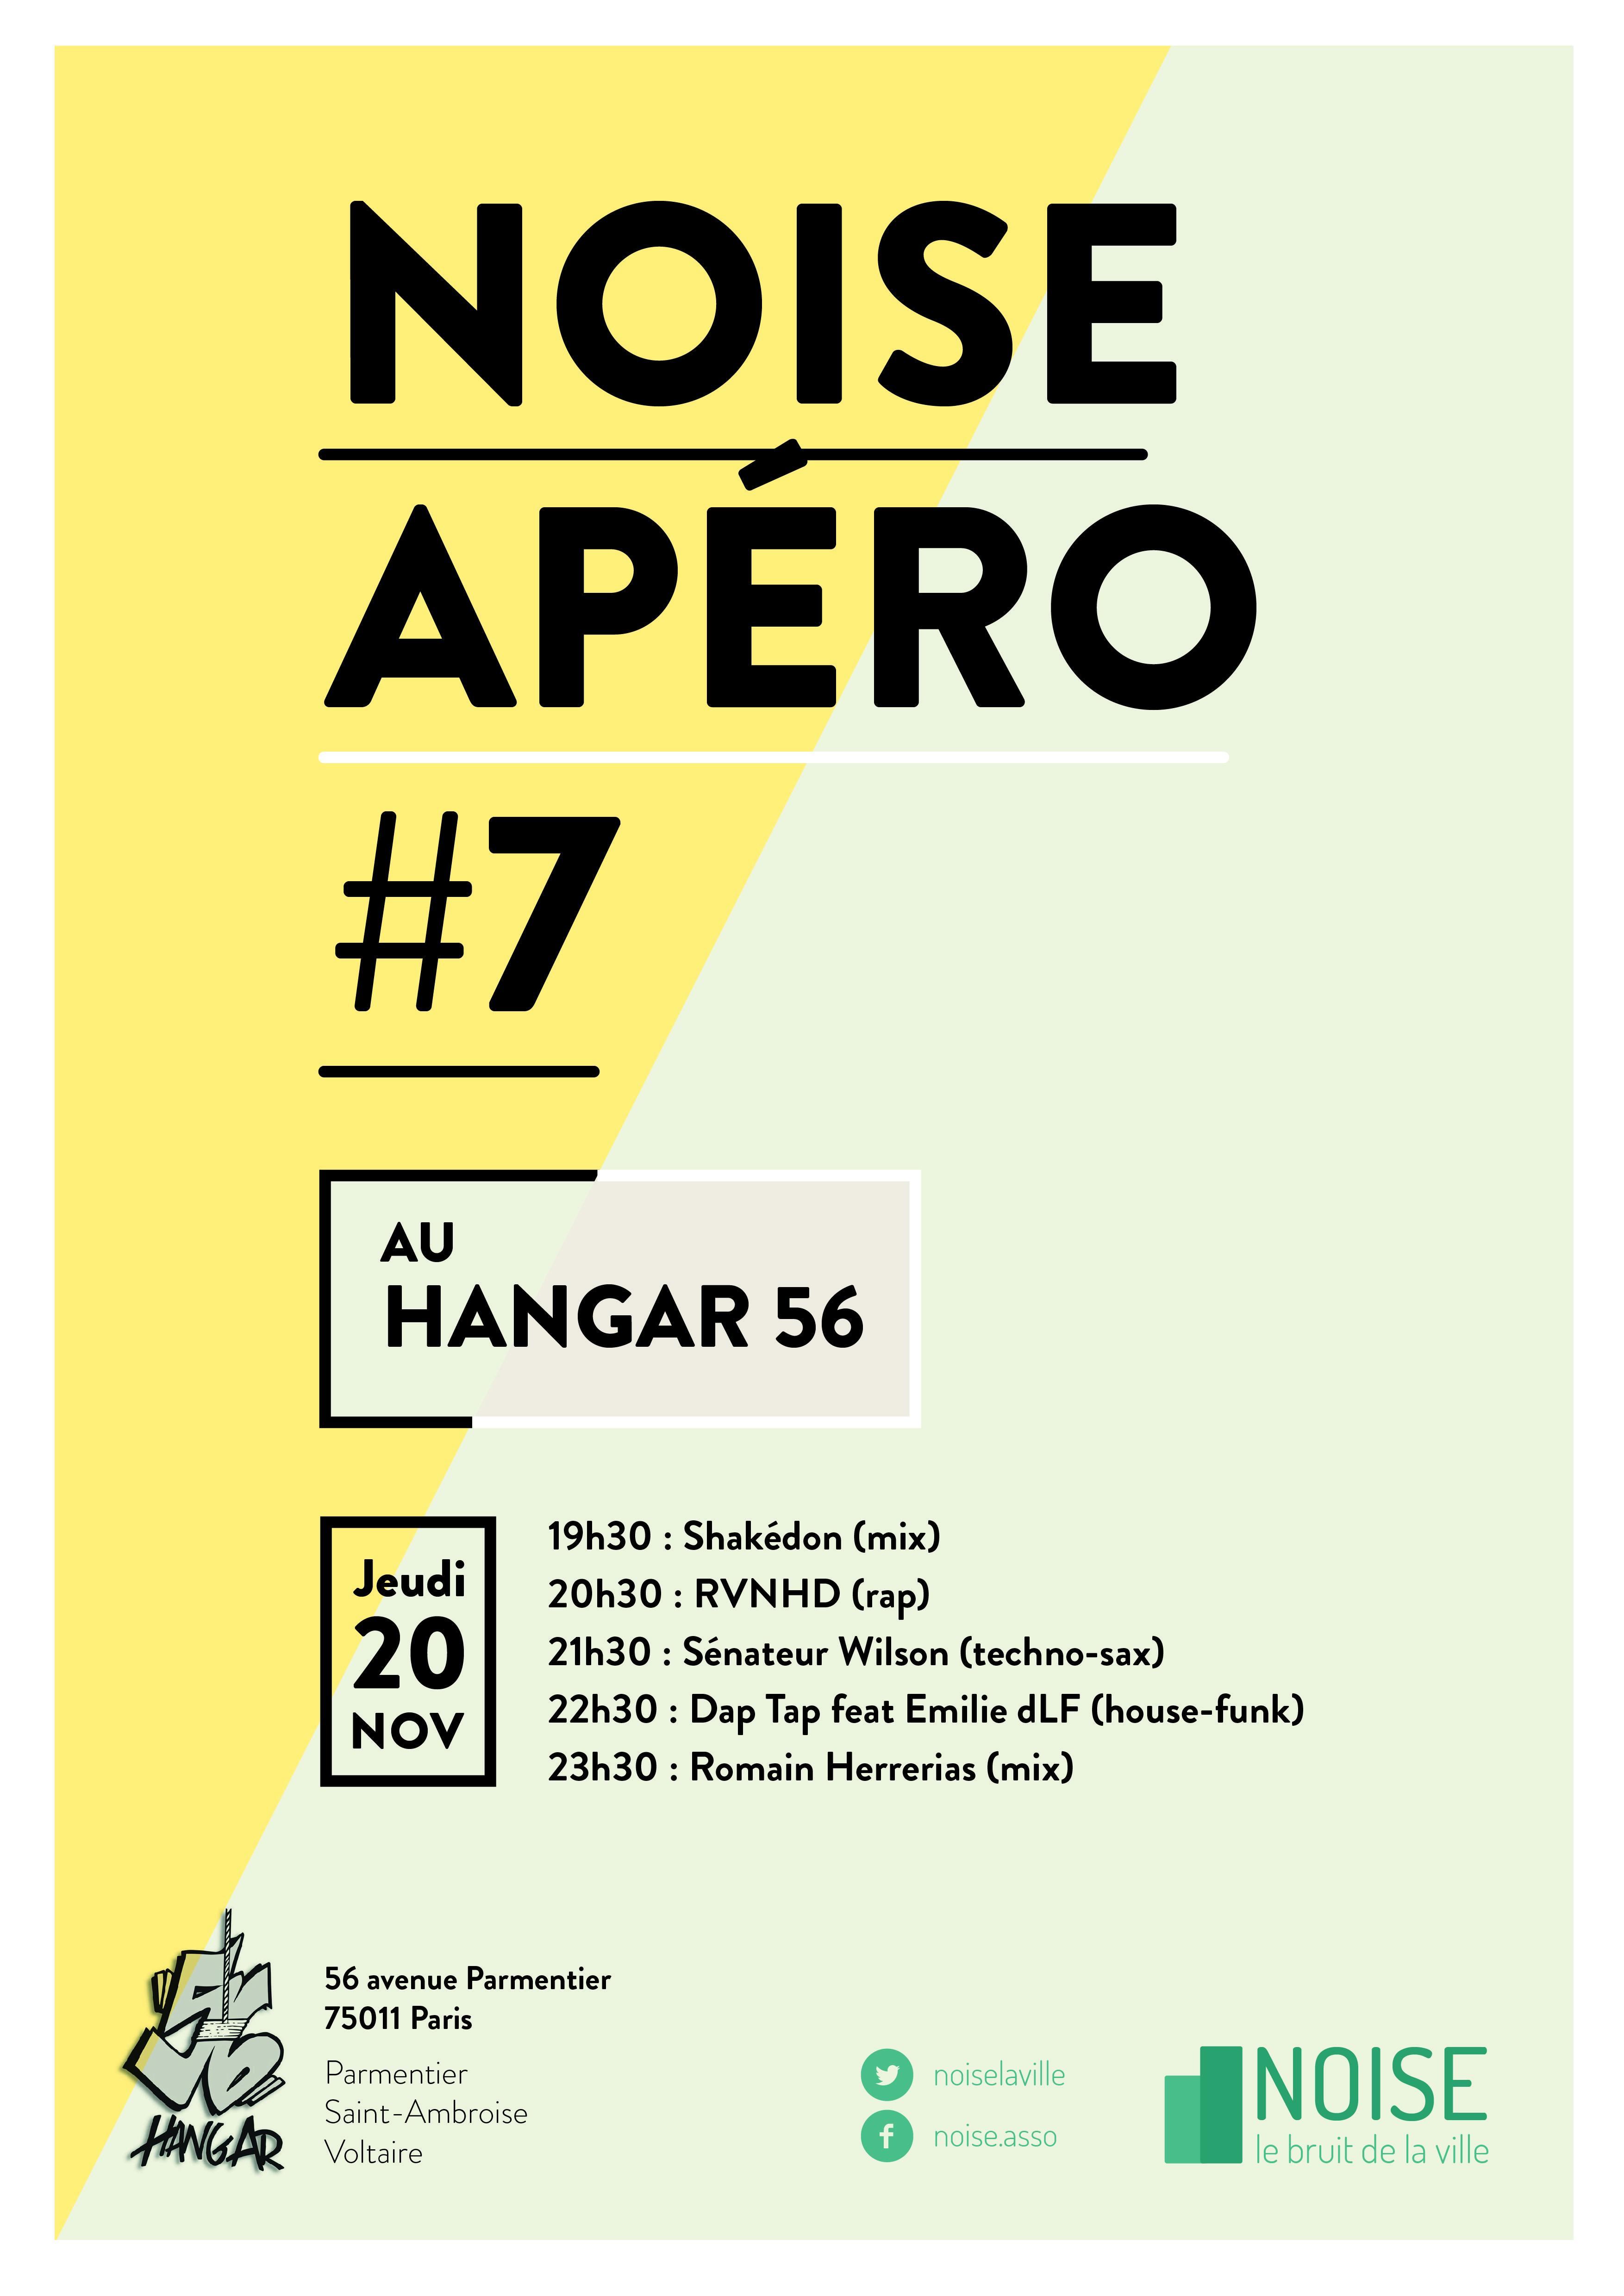 Apéro Noise 7 Hangar 56